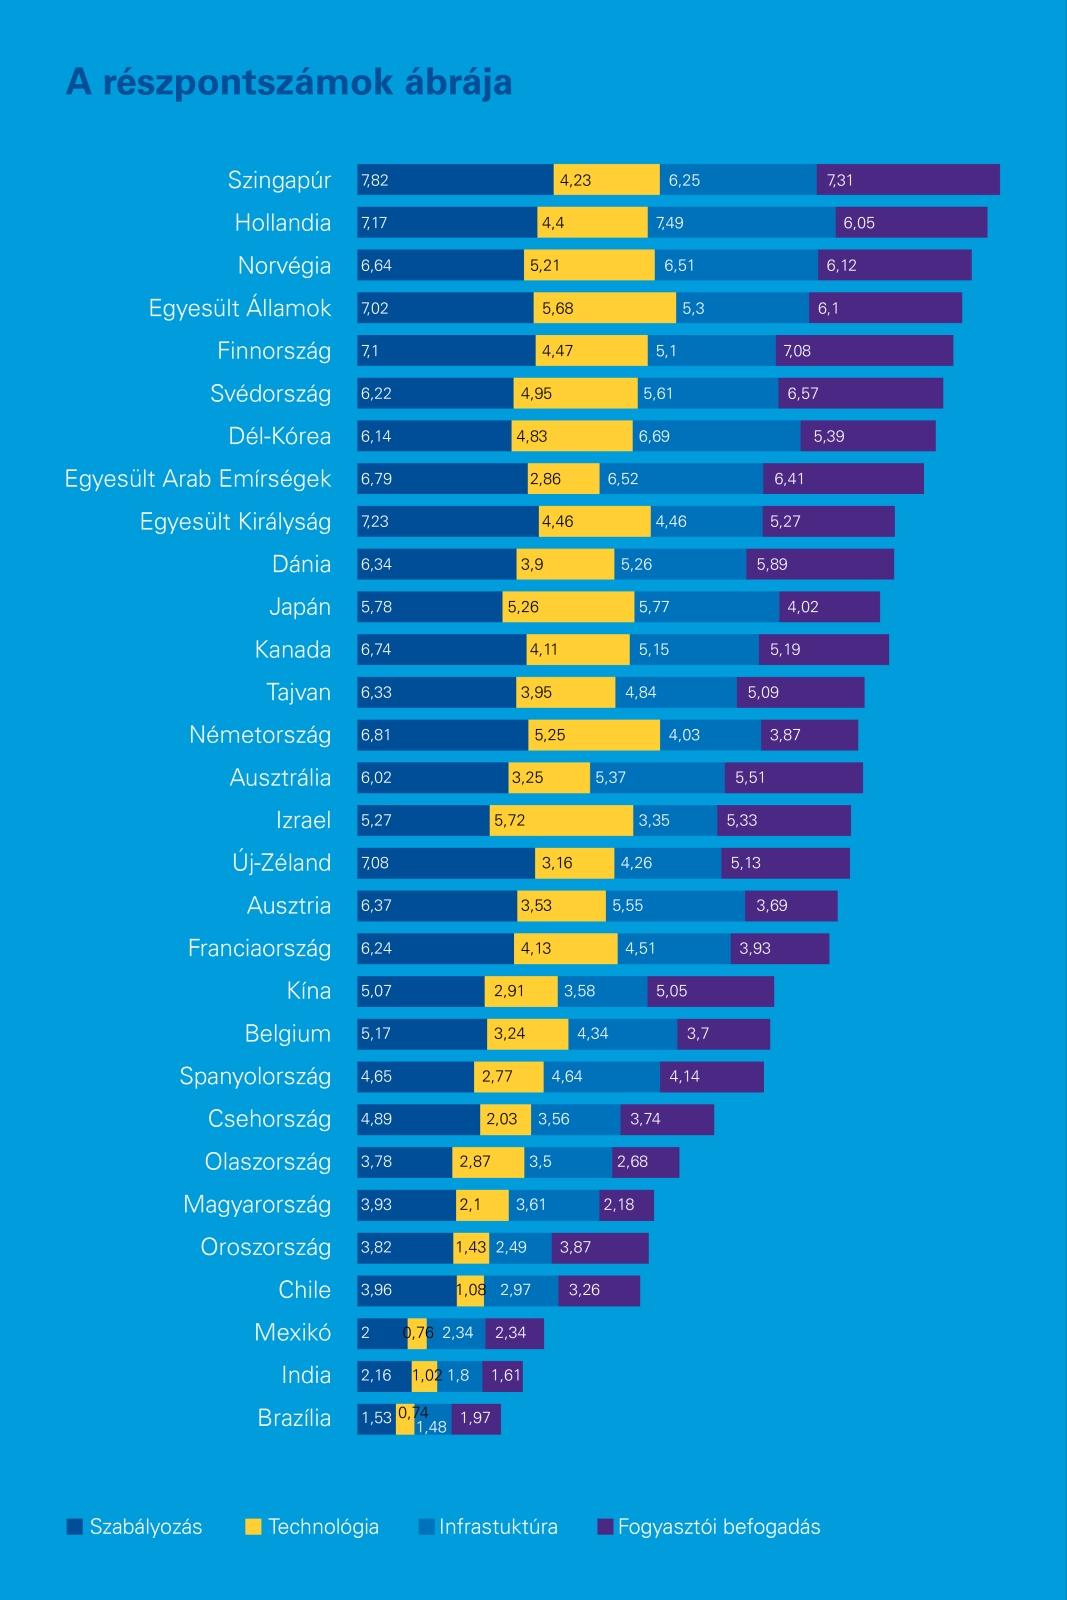 KPMG AVRI 2020 rankings